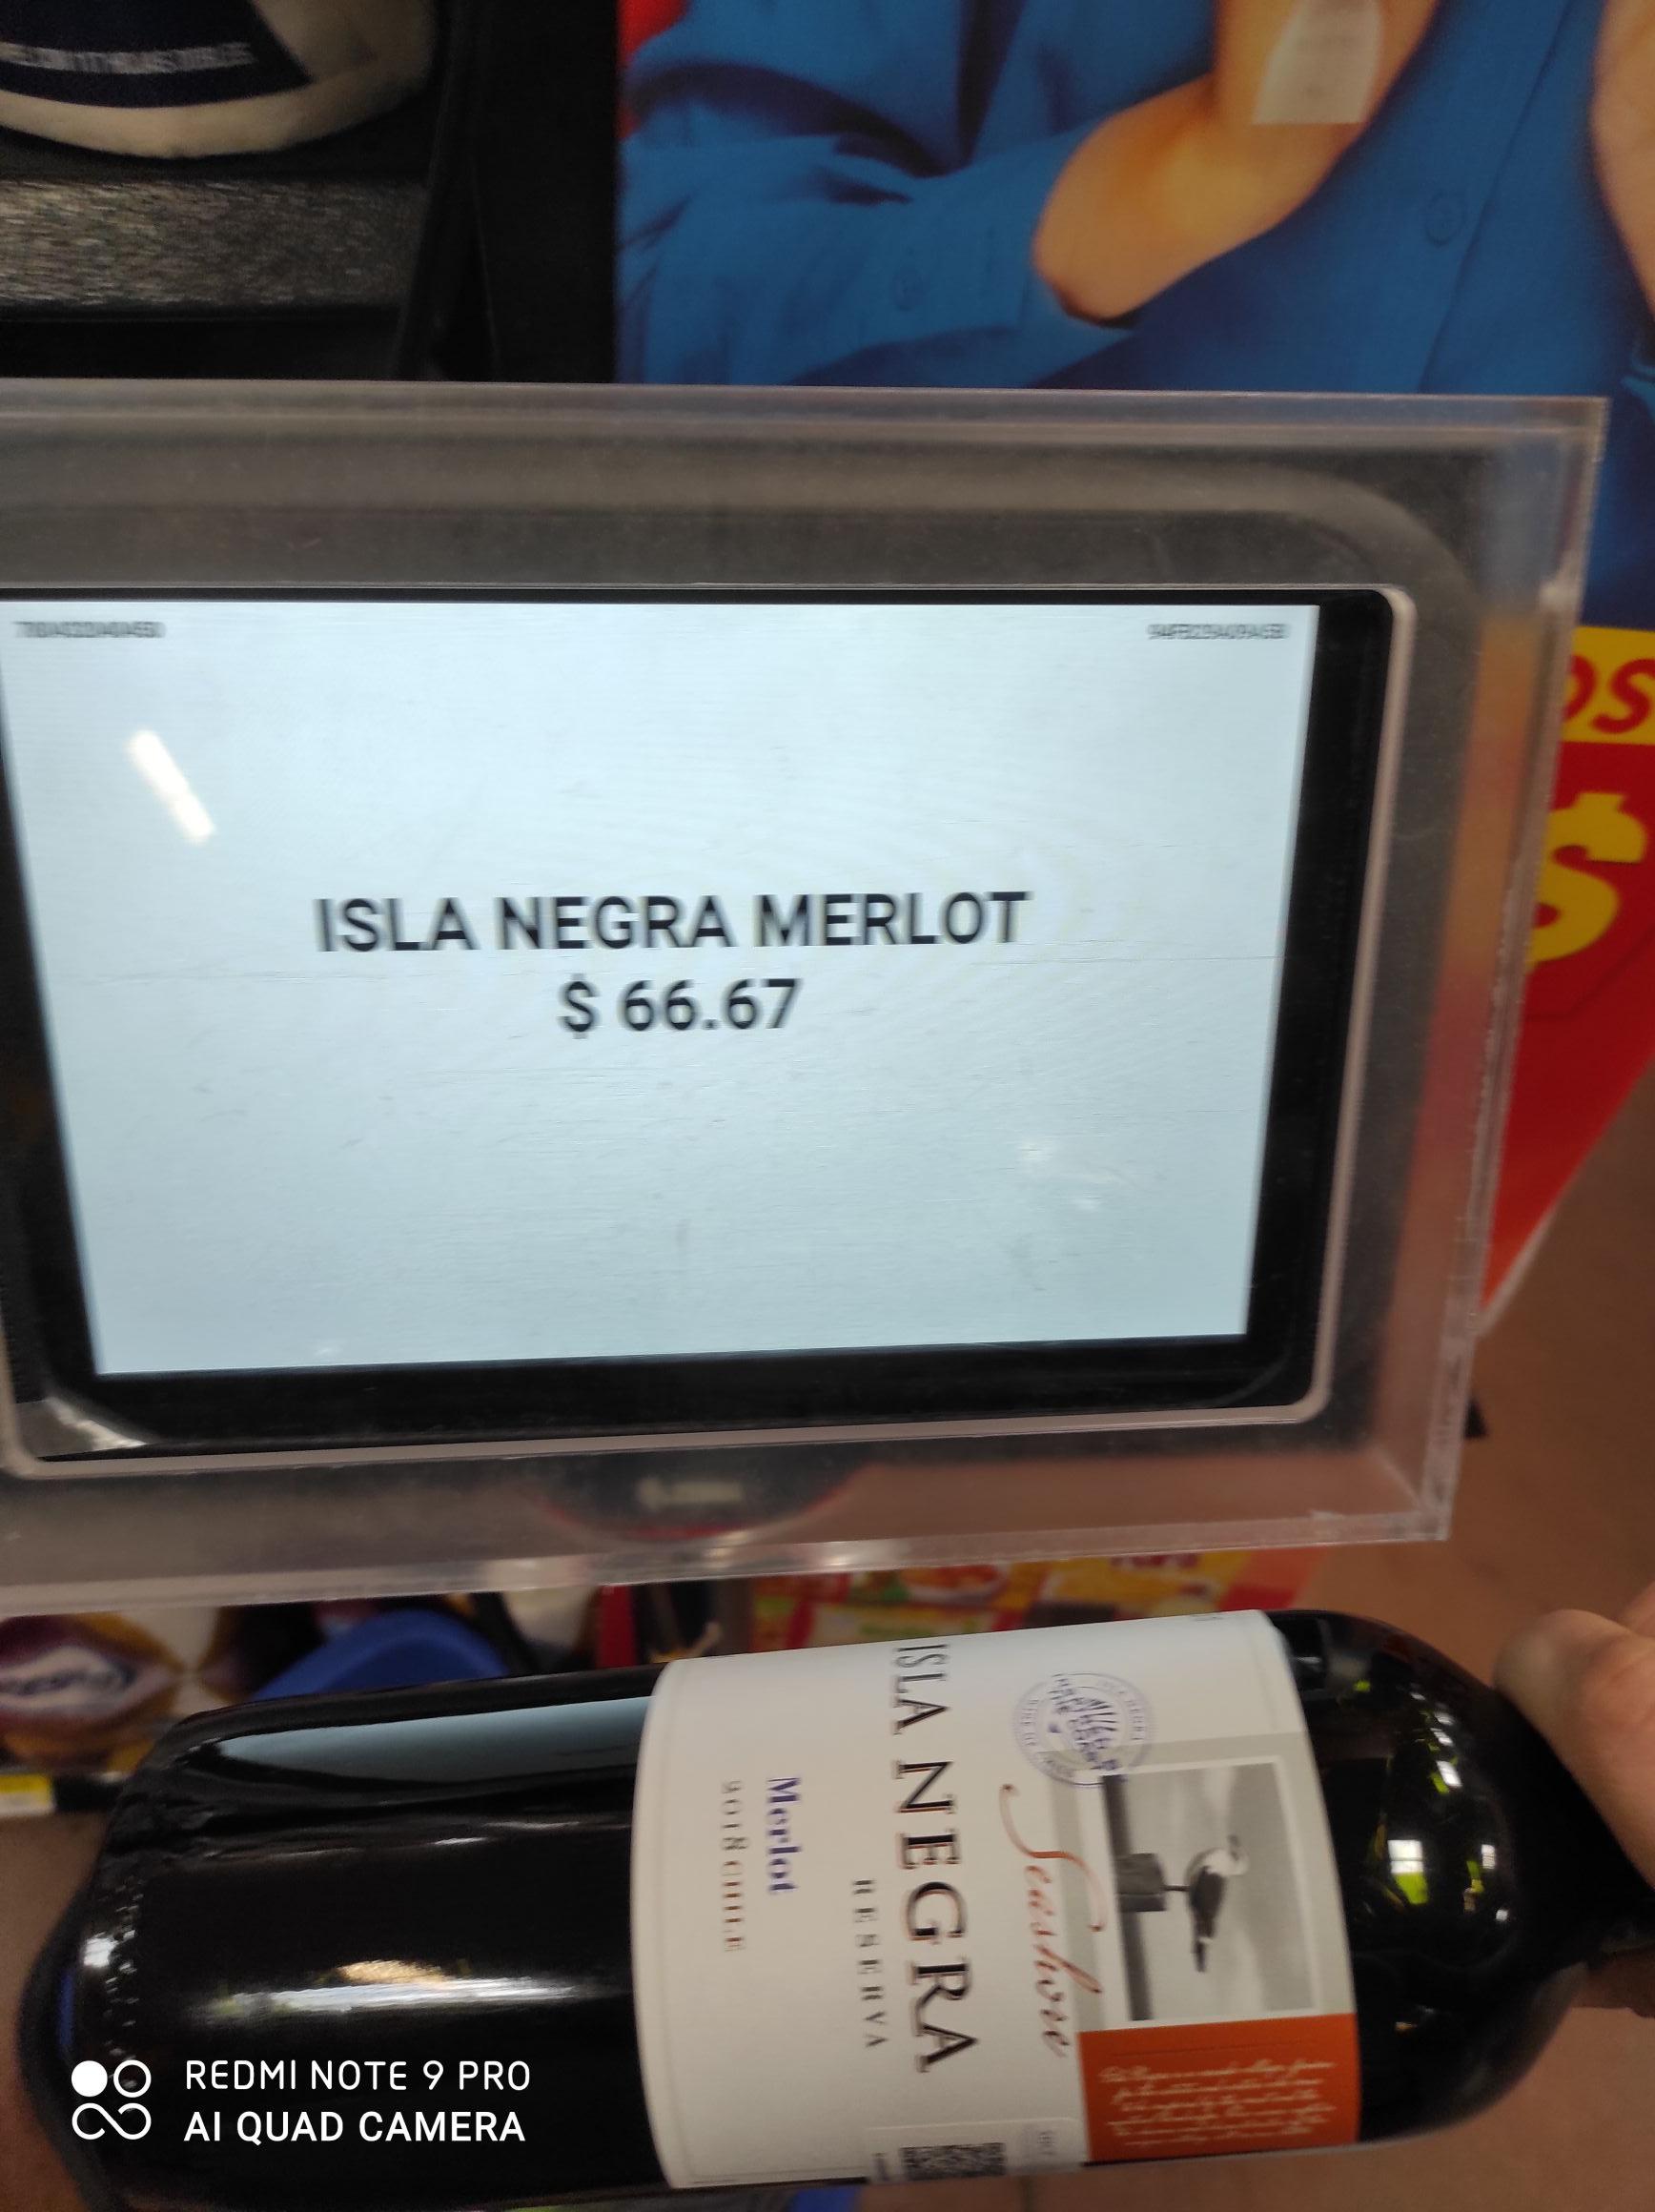 Walmart: Vino Isla Negra $66.67 y plástico autoadherible $22.01